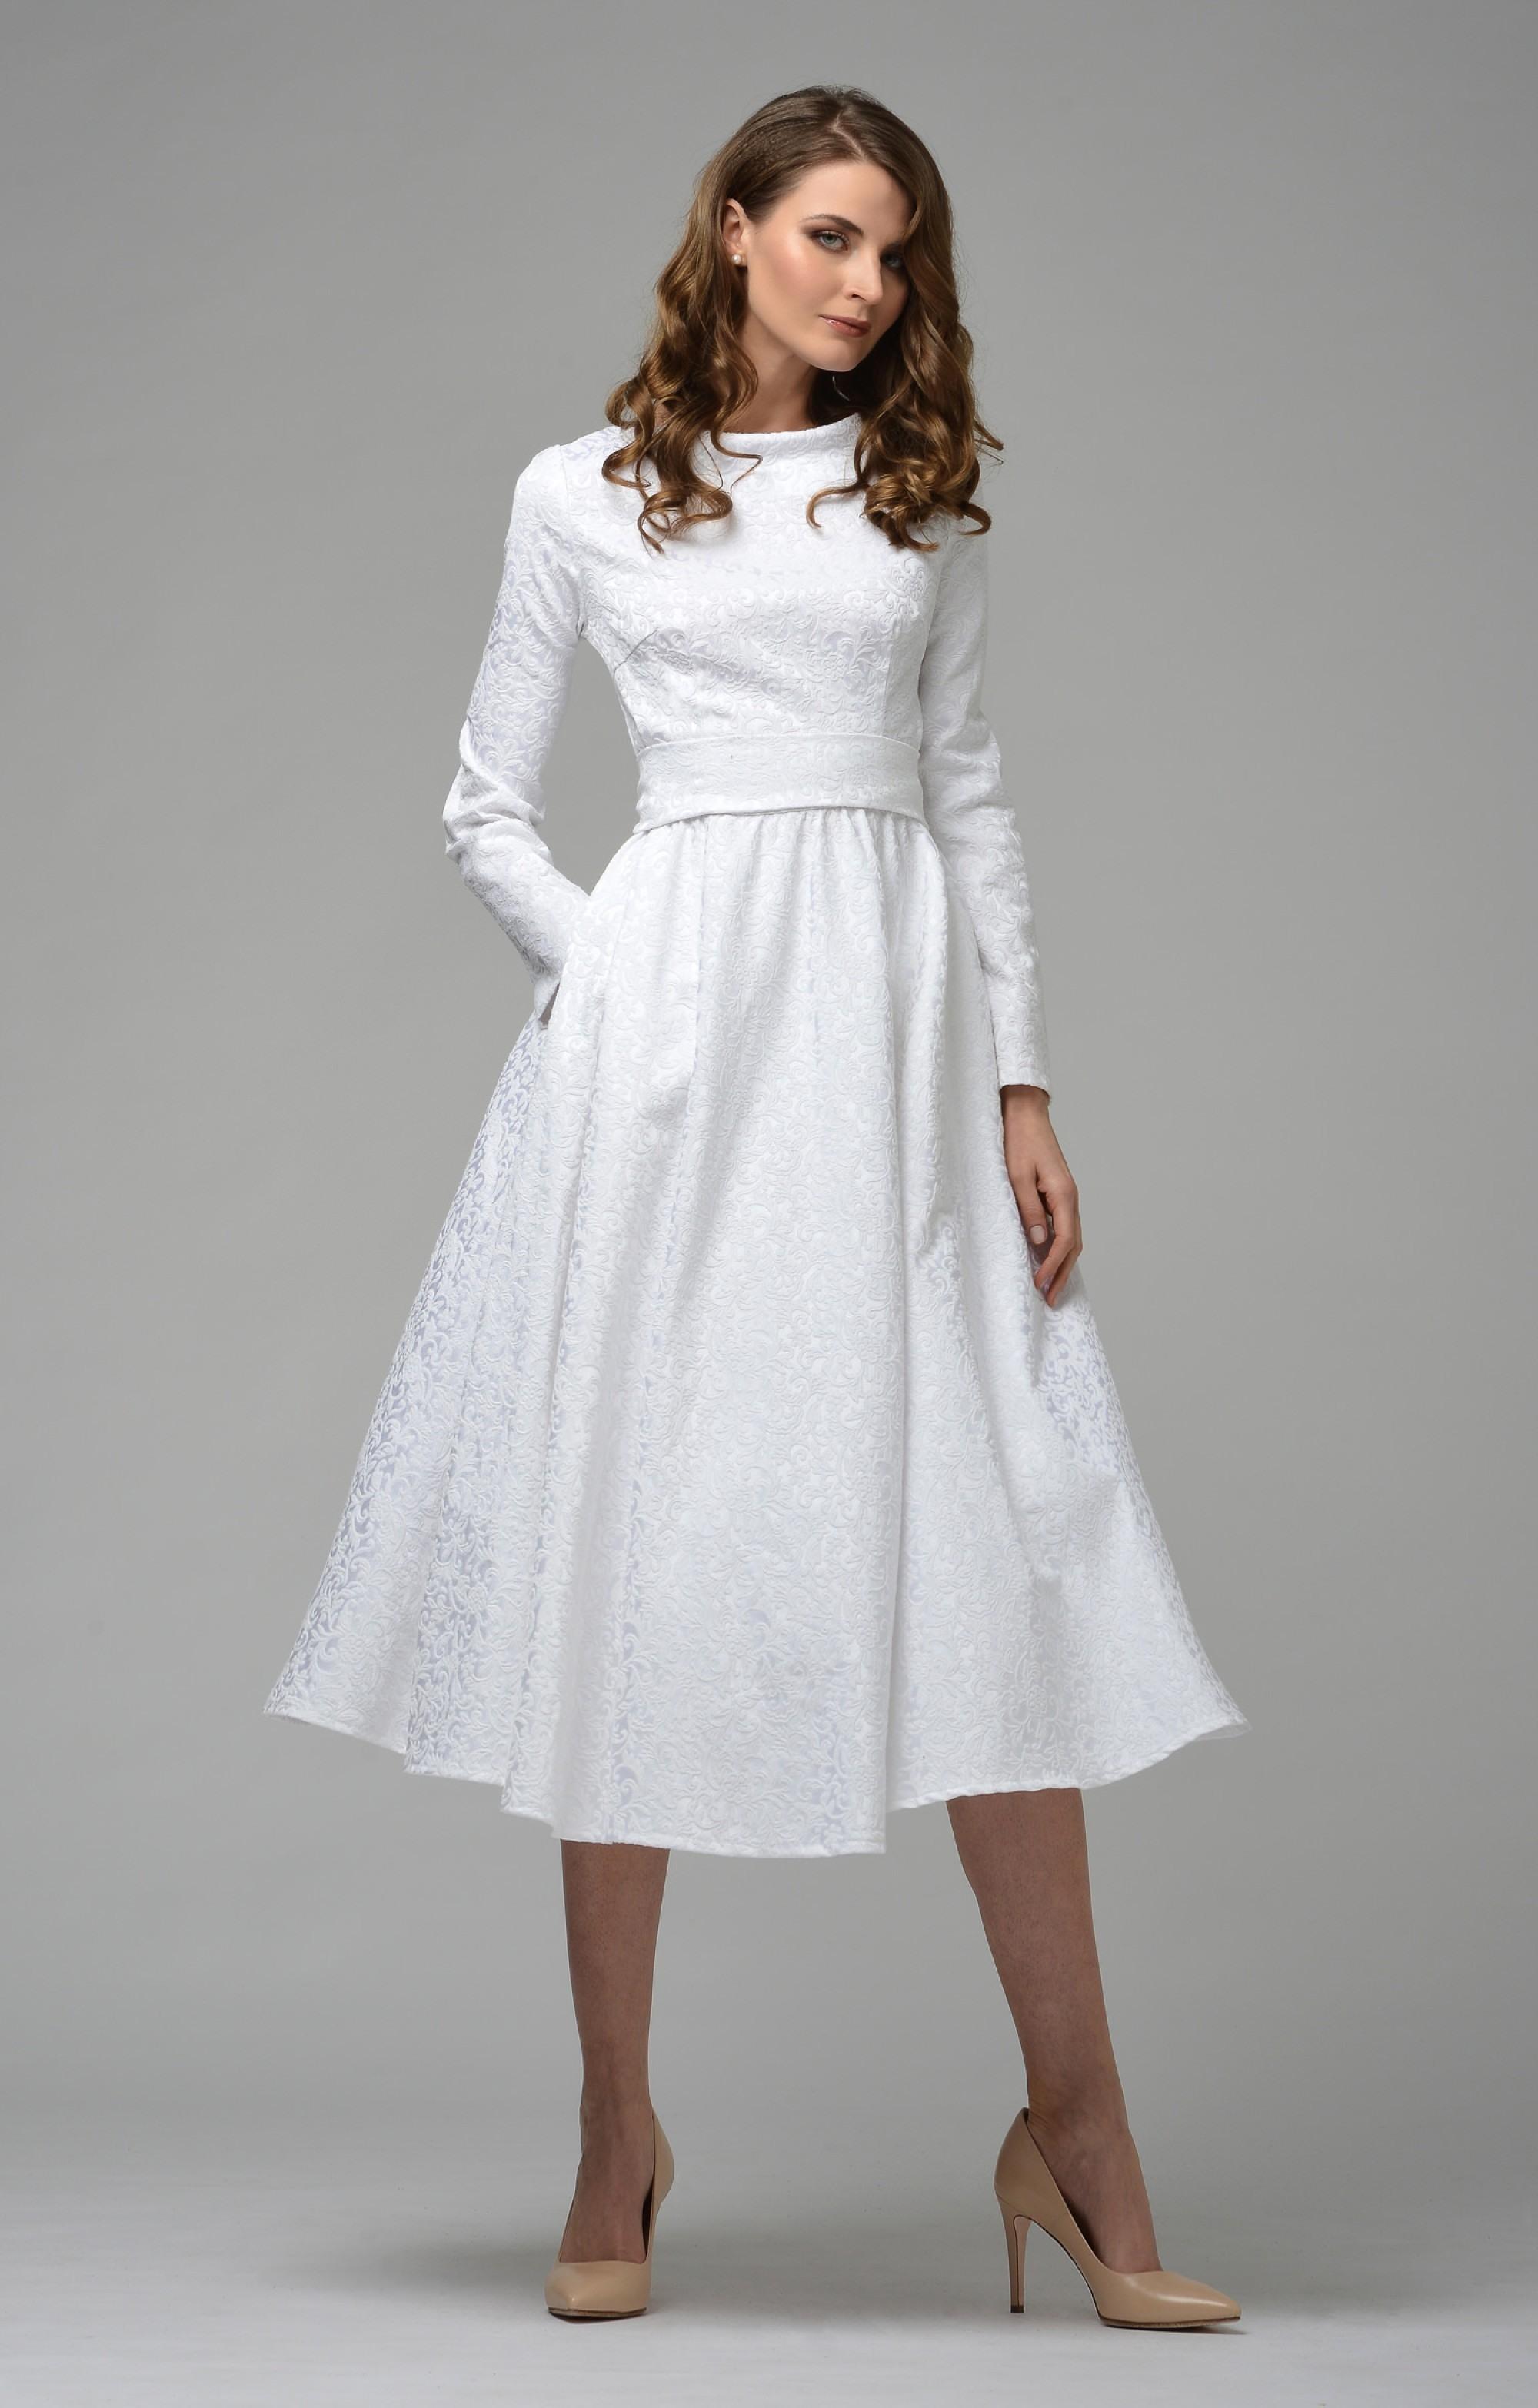 13 Ausgezeichnet Abendkleid Wickelkleid Spezialgebiet13 Cool Abendkleid Wickelkleid Ärmel